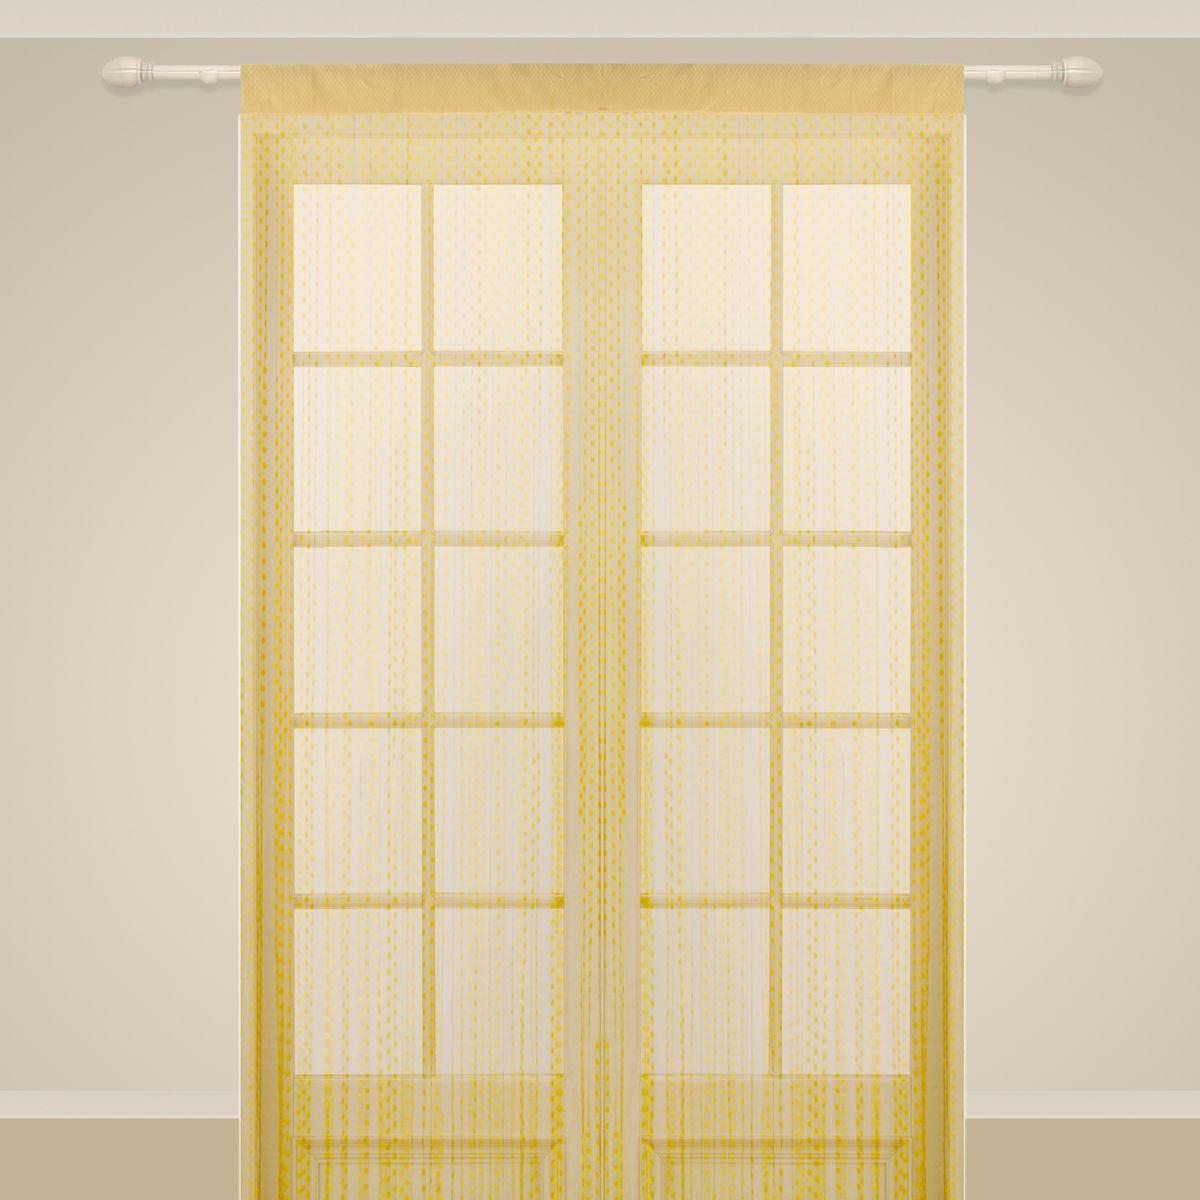 Штора нитяная Sanpa Home Collection, на ленте, цвет: золотистый, высота 290 см1004900000360Штора нитяная Sanpa Home Collection, выполненная из текстиля, подходит как для зонирования пространства, так и для декорации окна, как самостоятельное решение или дополнение к шторам. Такая штора великолепно дополнит интерьер вашего дома и станет отличным дизайнерским решением.